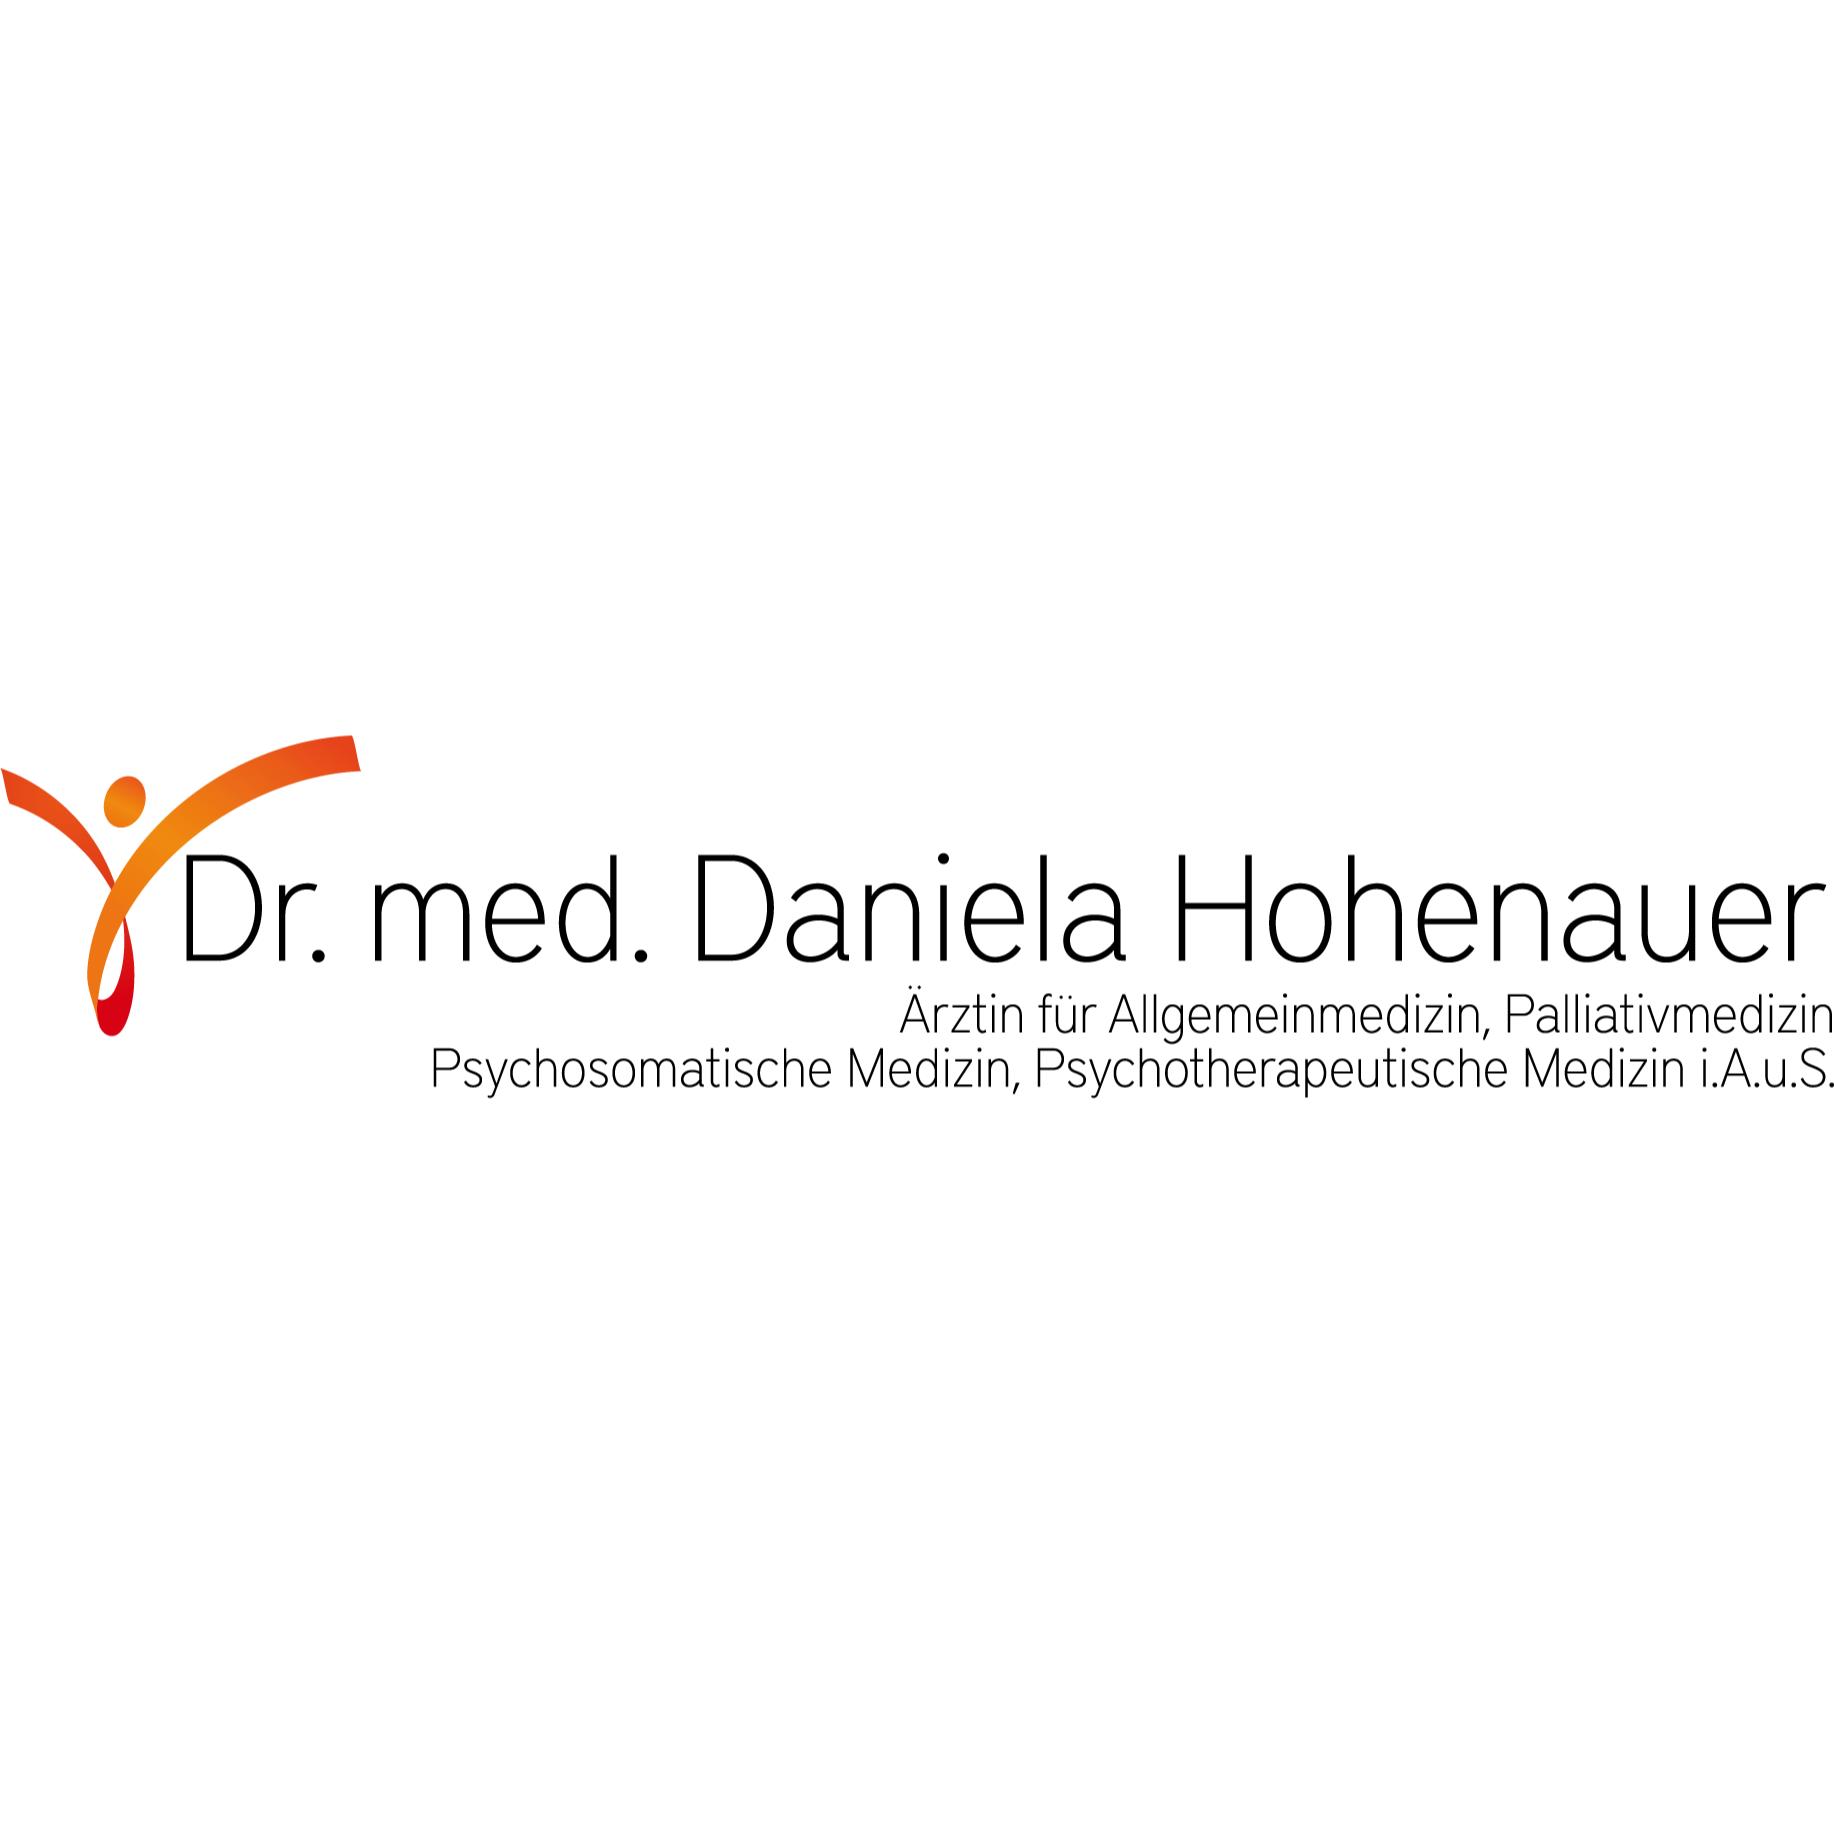 Dr. Daniela Hohenauer